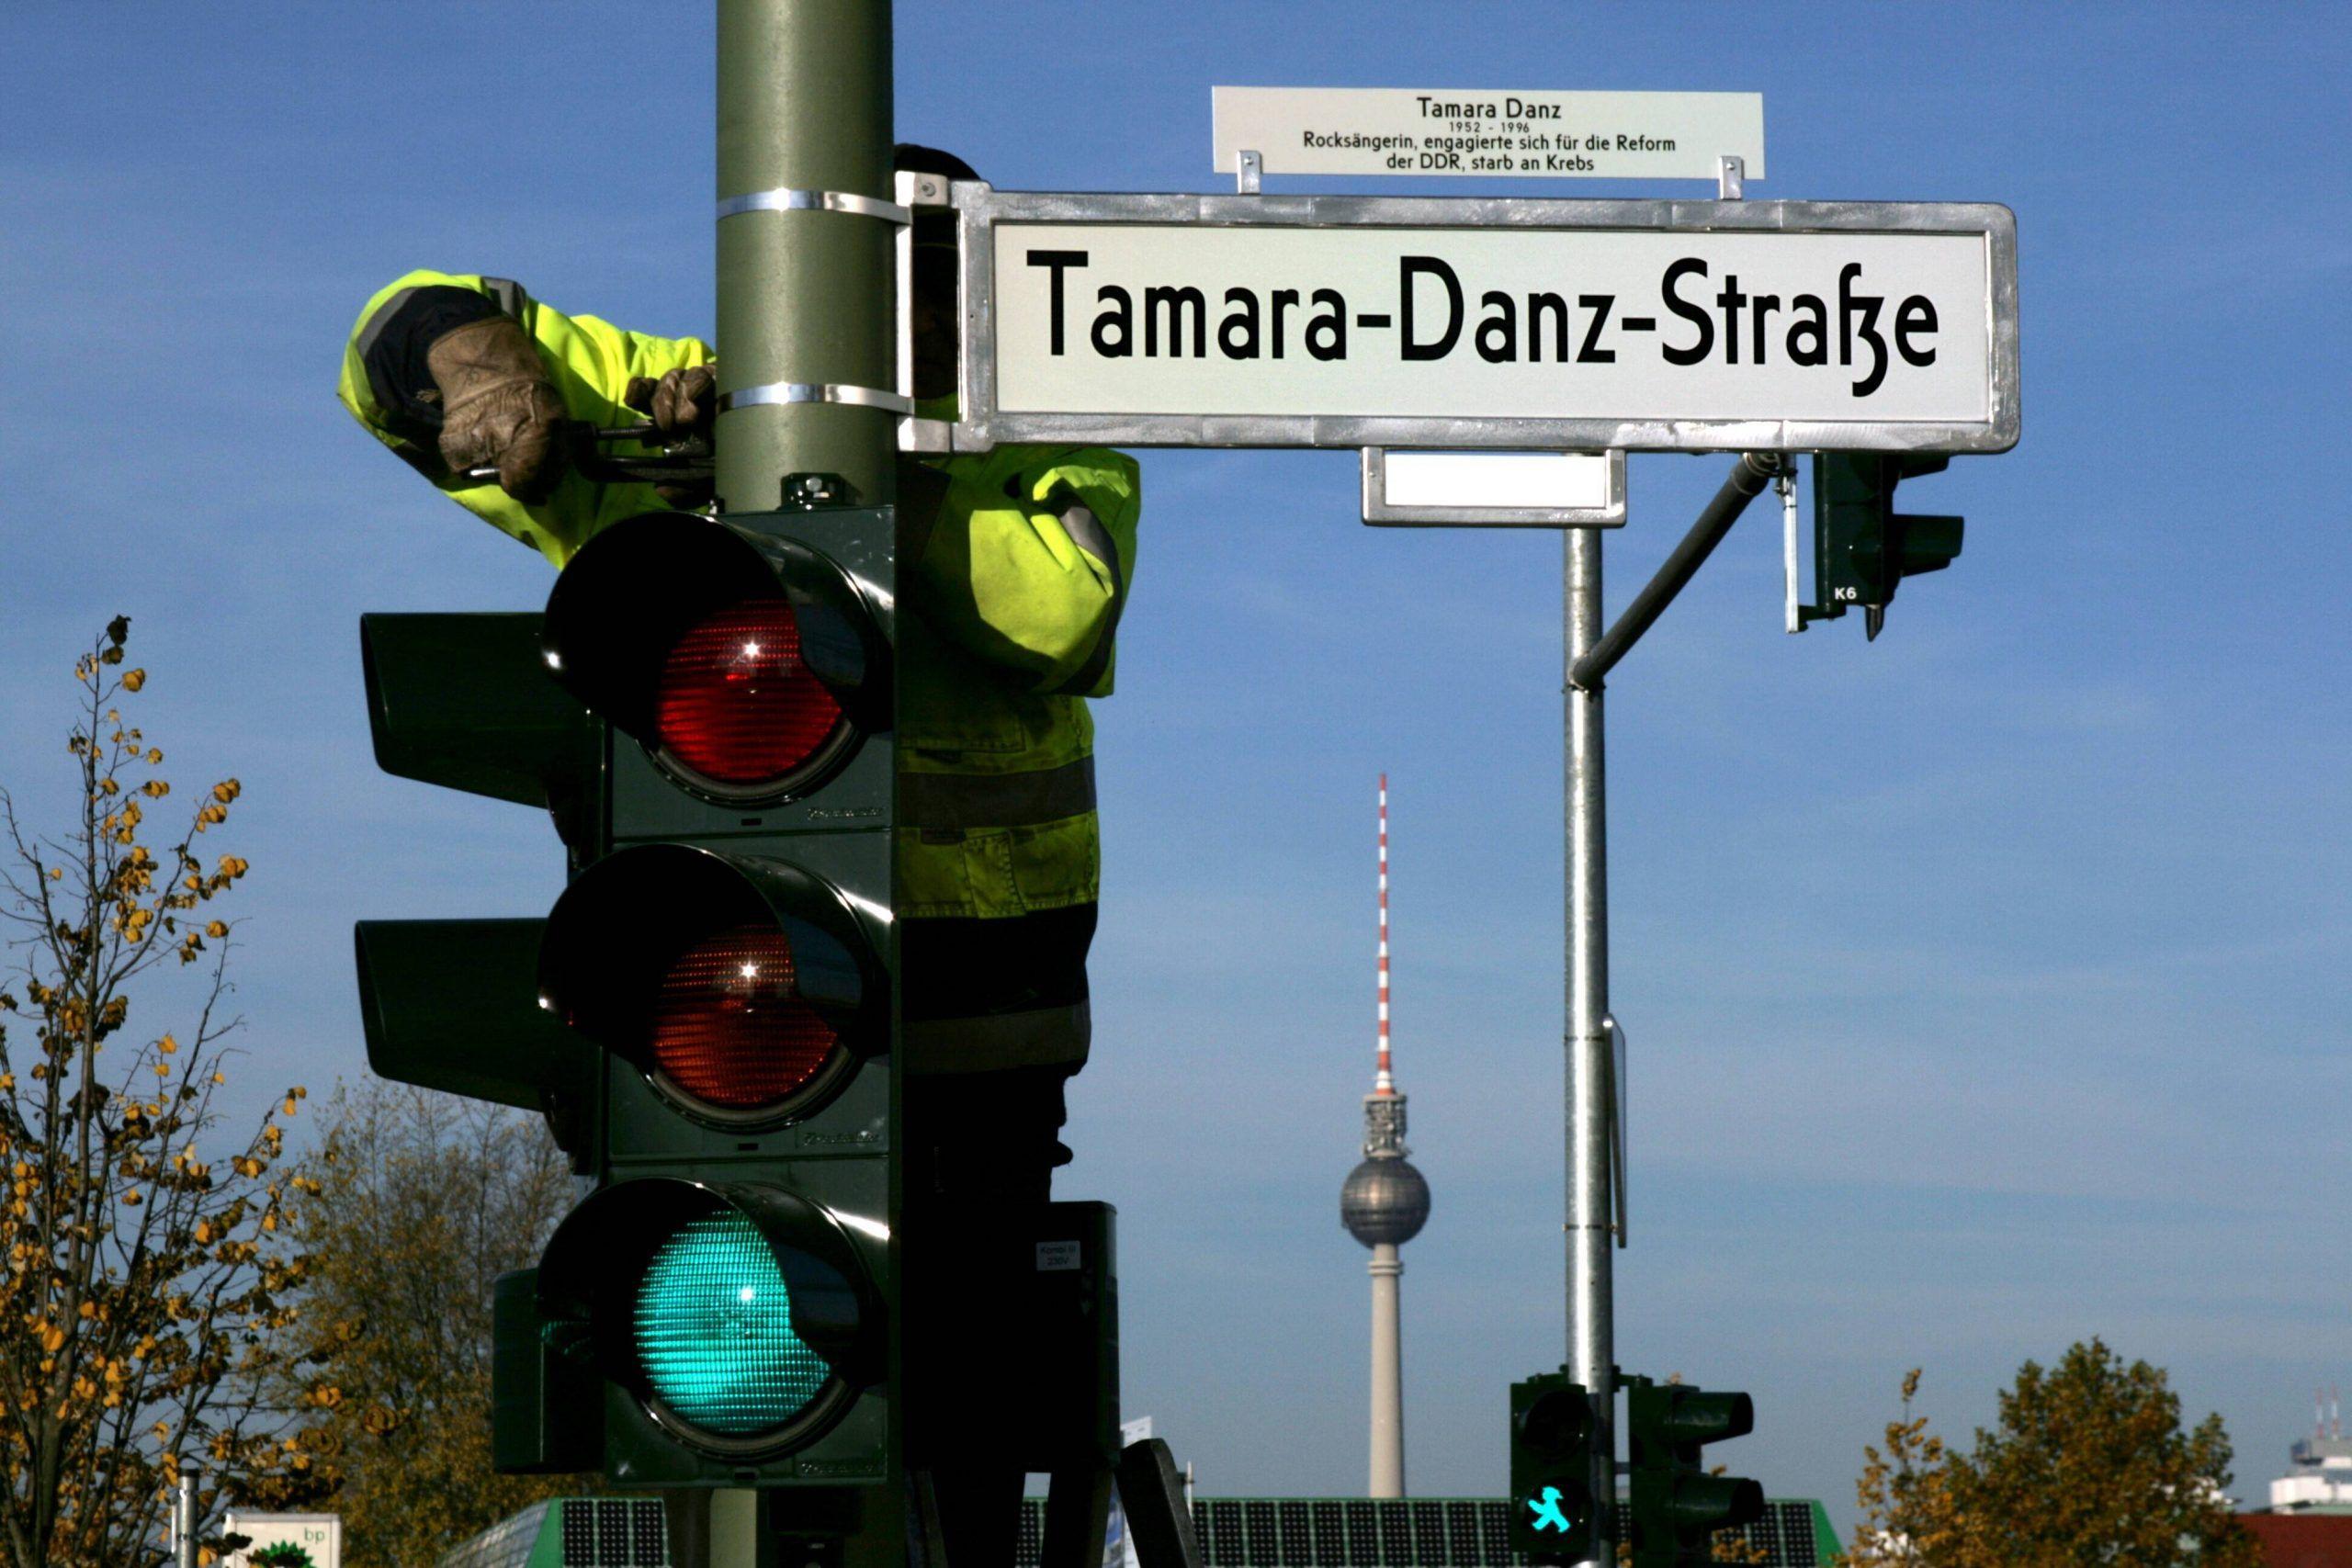 Tamara Danz zum 25. Todestag: Wild, unberechenbar, leidenschaftlich